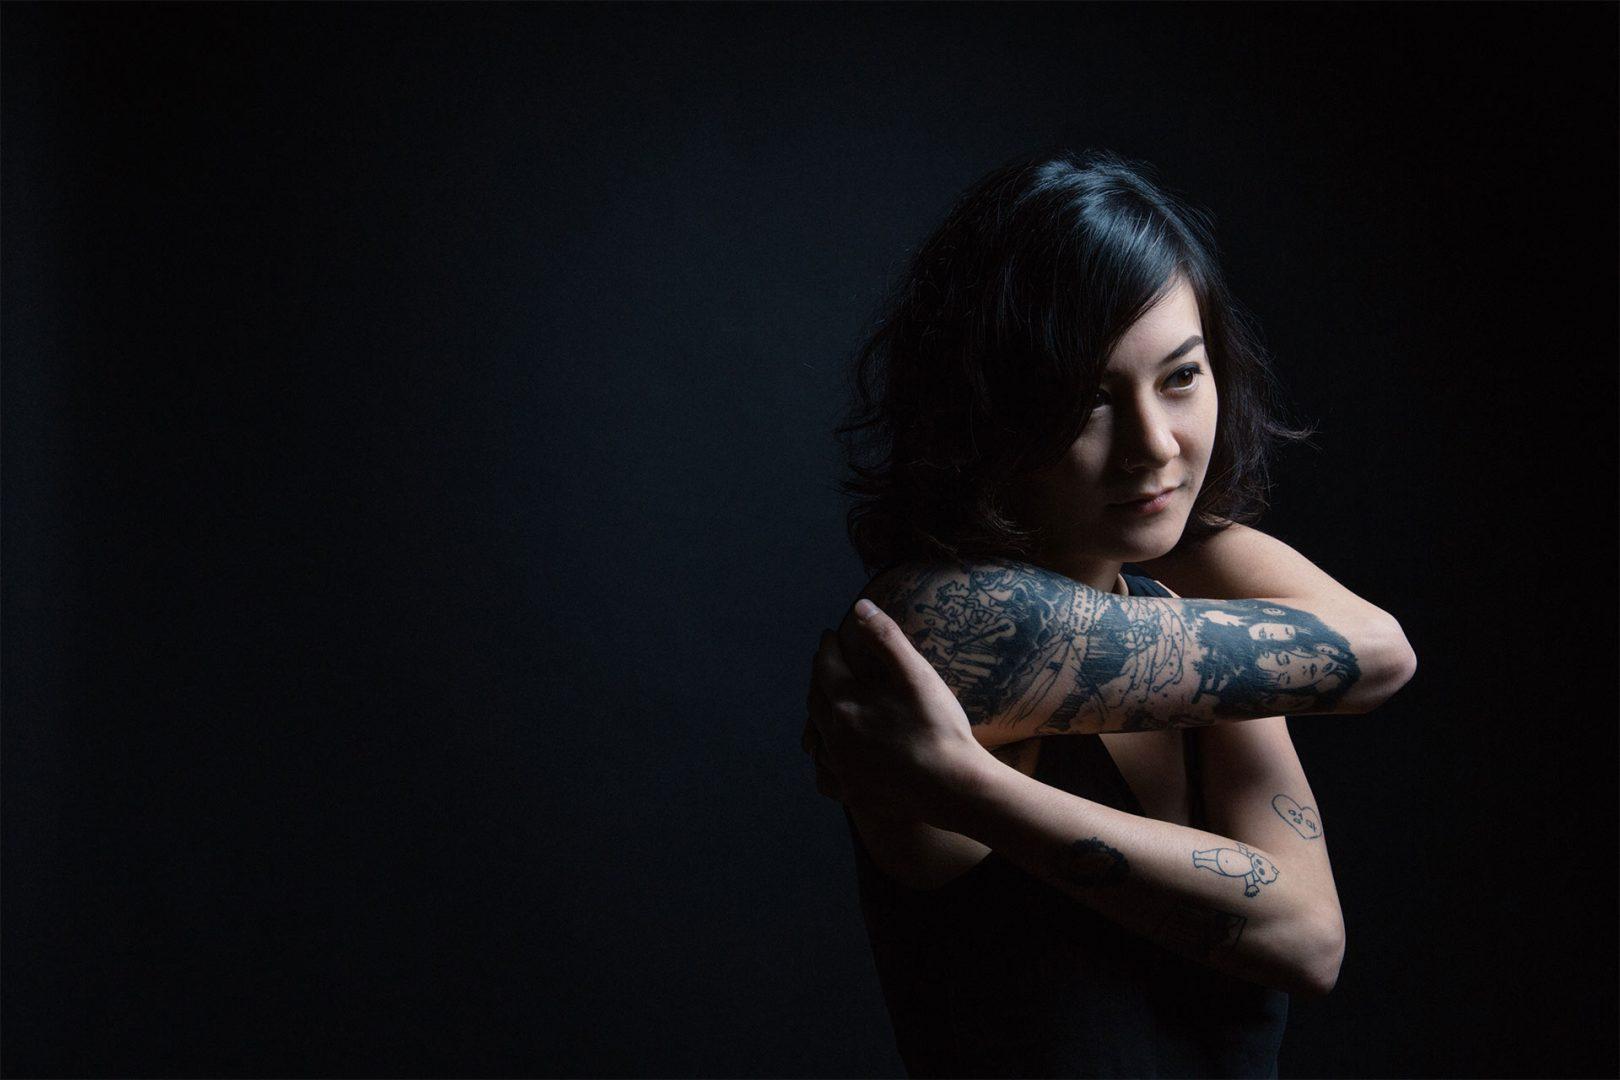 japanese-breakfast-michelle-zauner-interview-2017-02